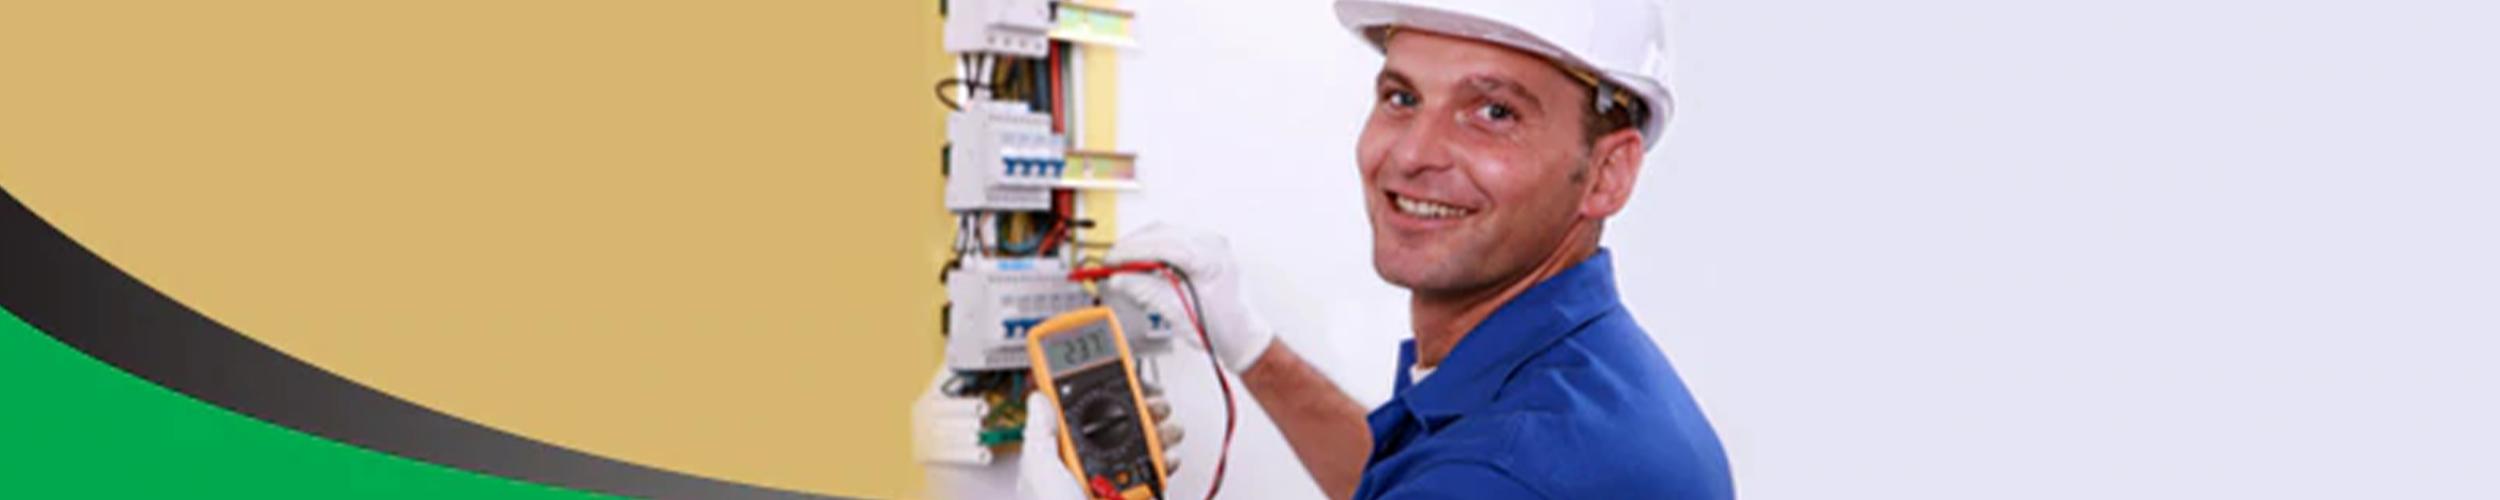 service-emf-inspection-2500.png